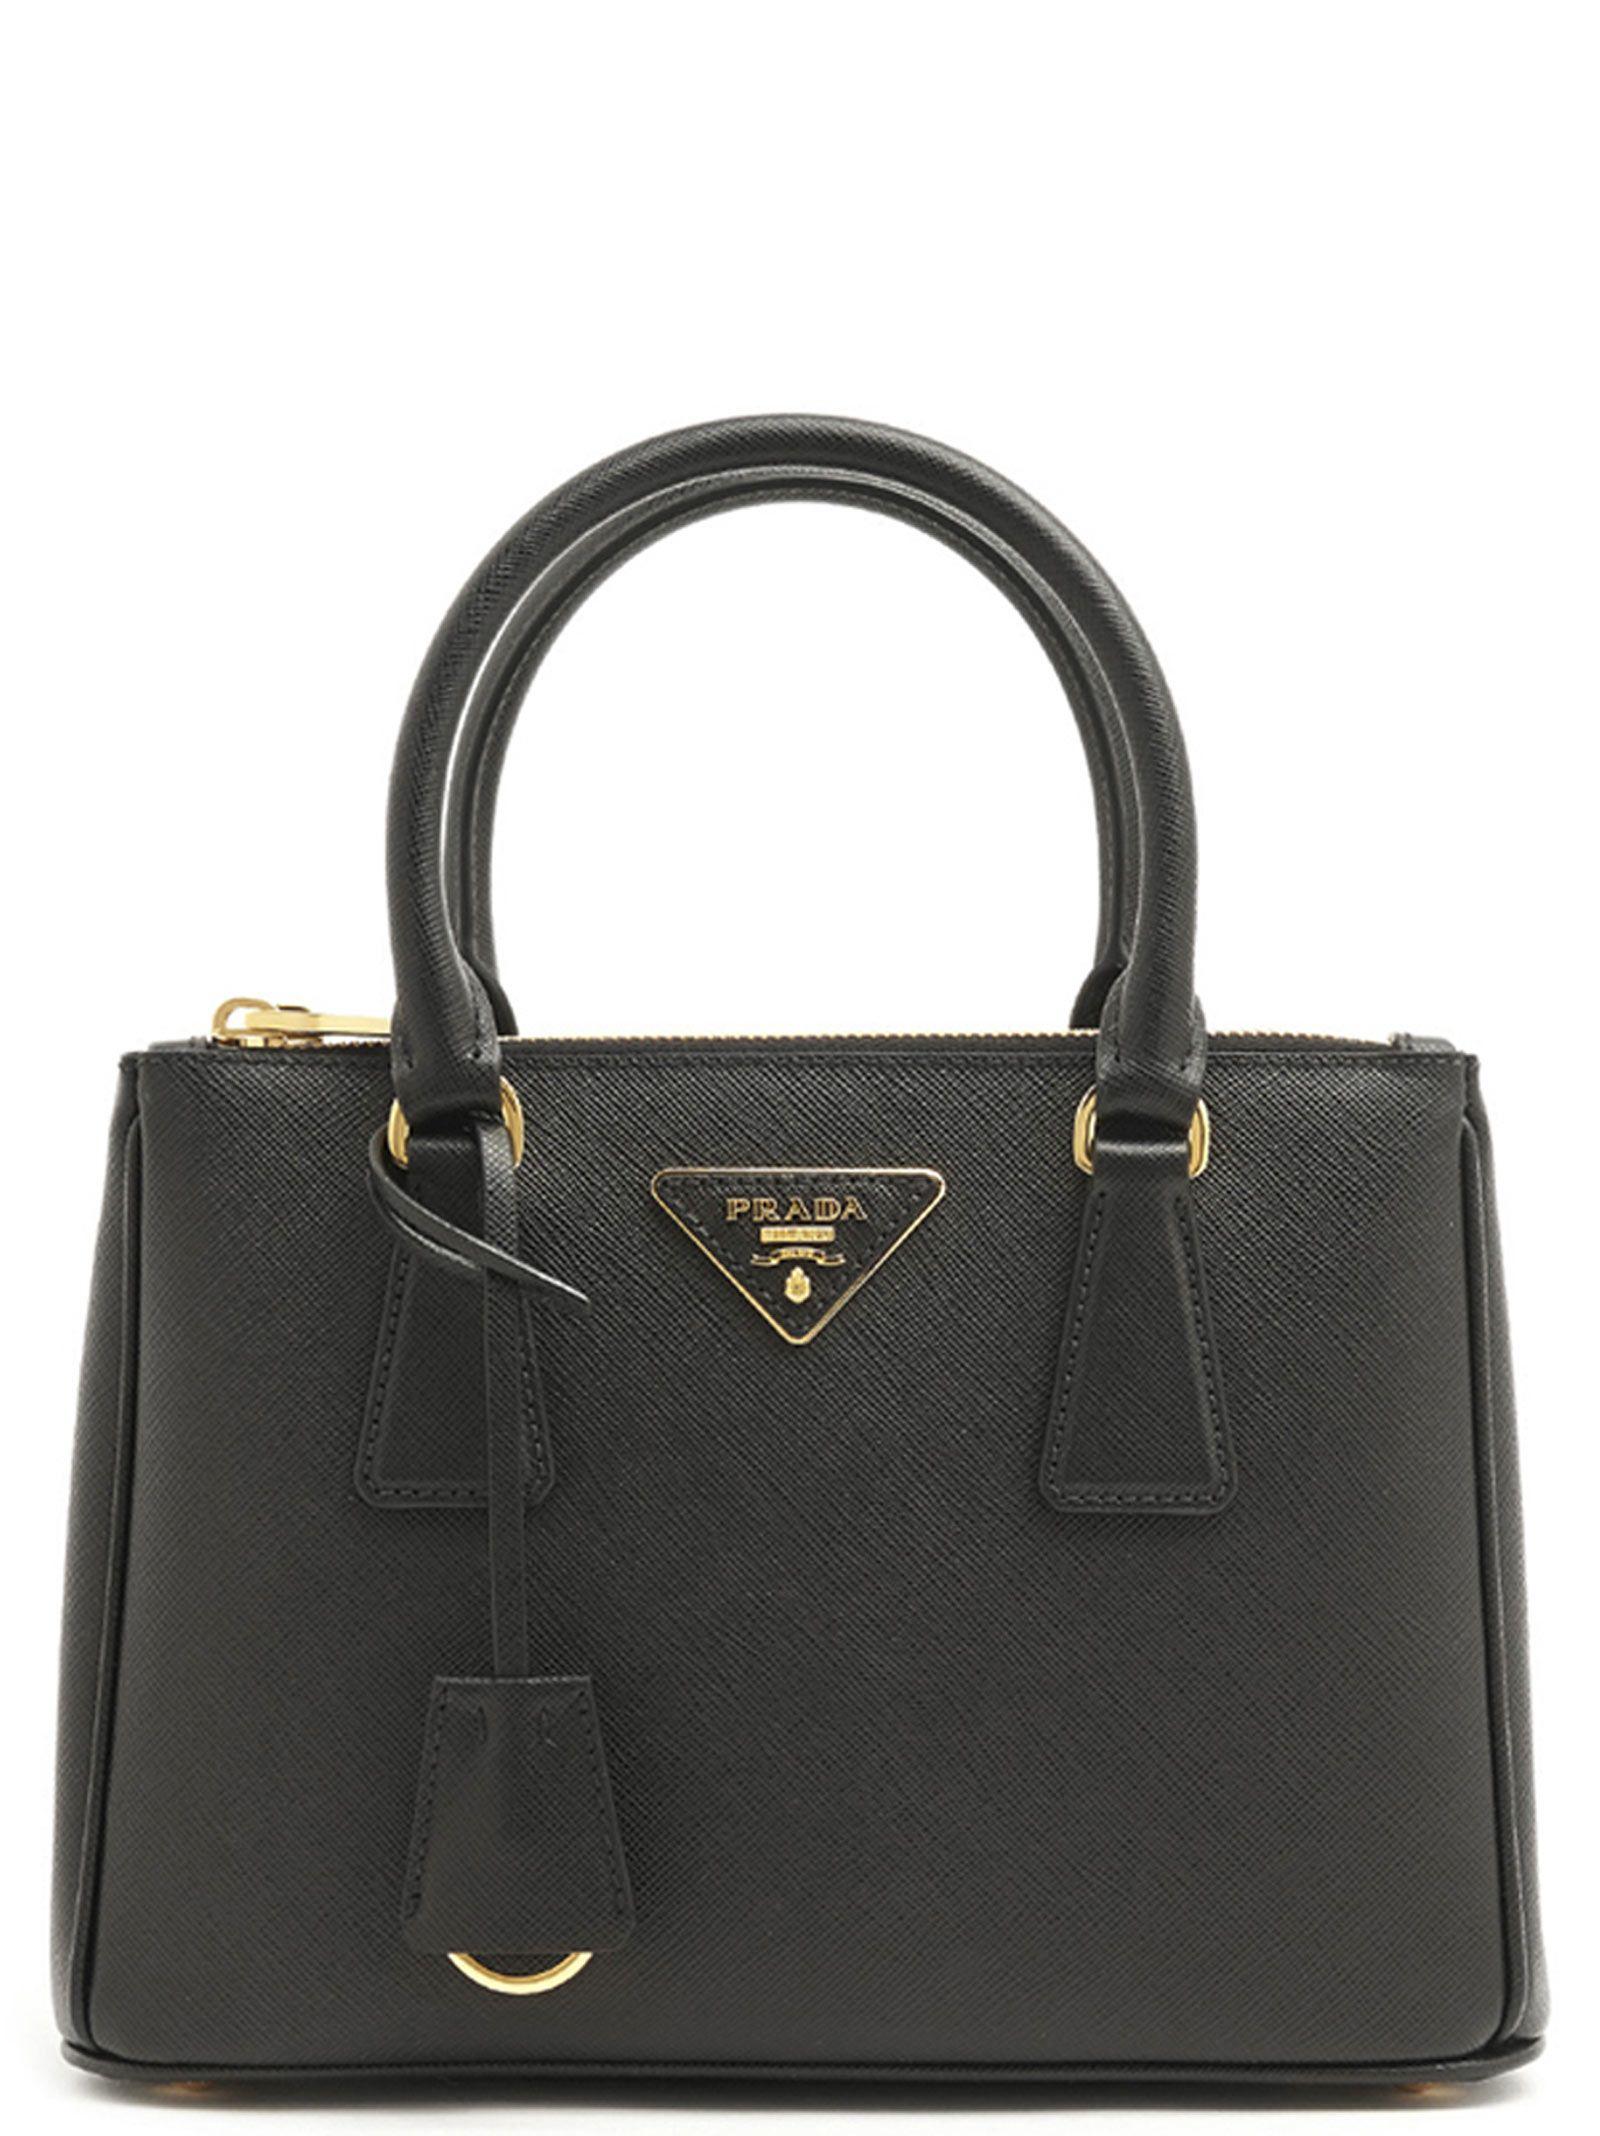 a3e86b7a41fc ... norway prada galleria bag in black 74433 91b13 ...